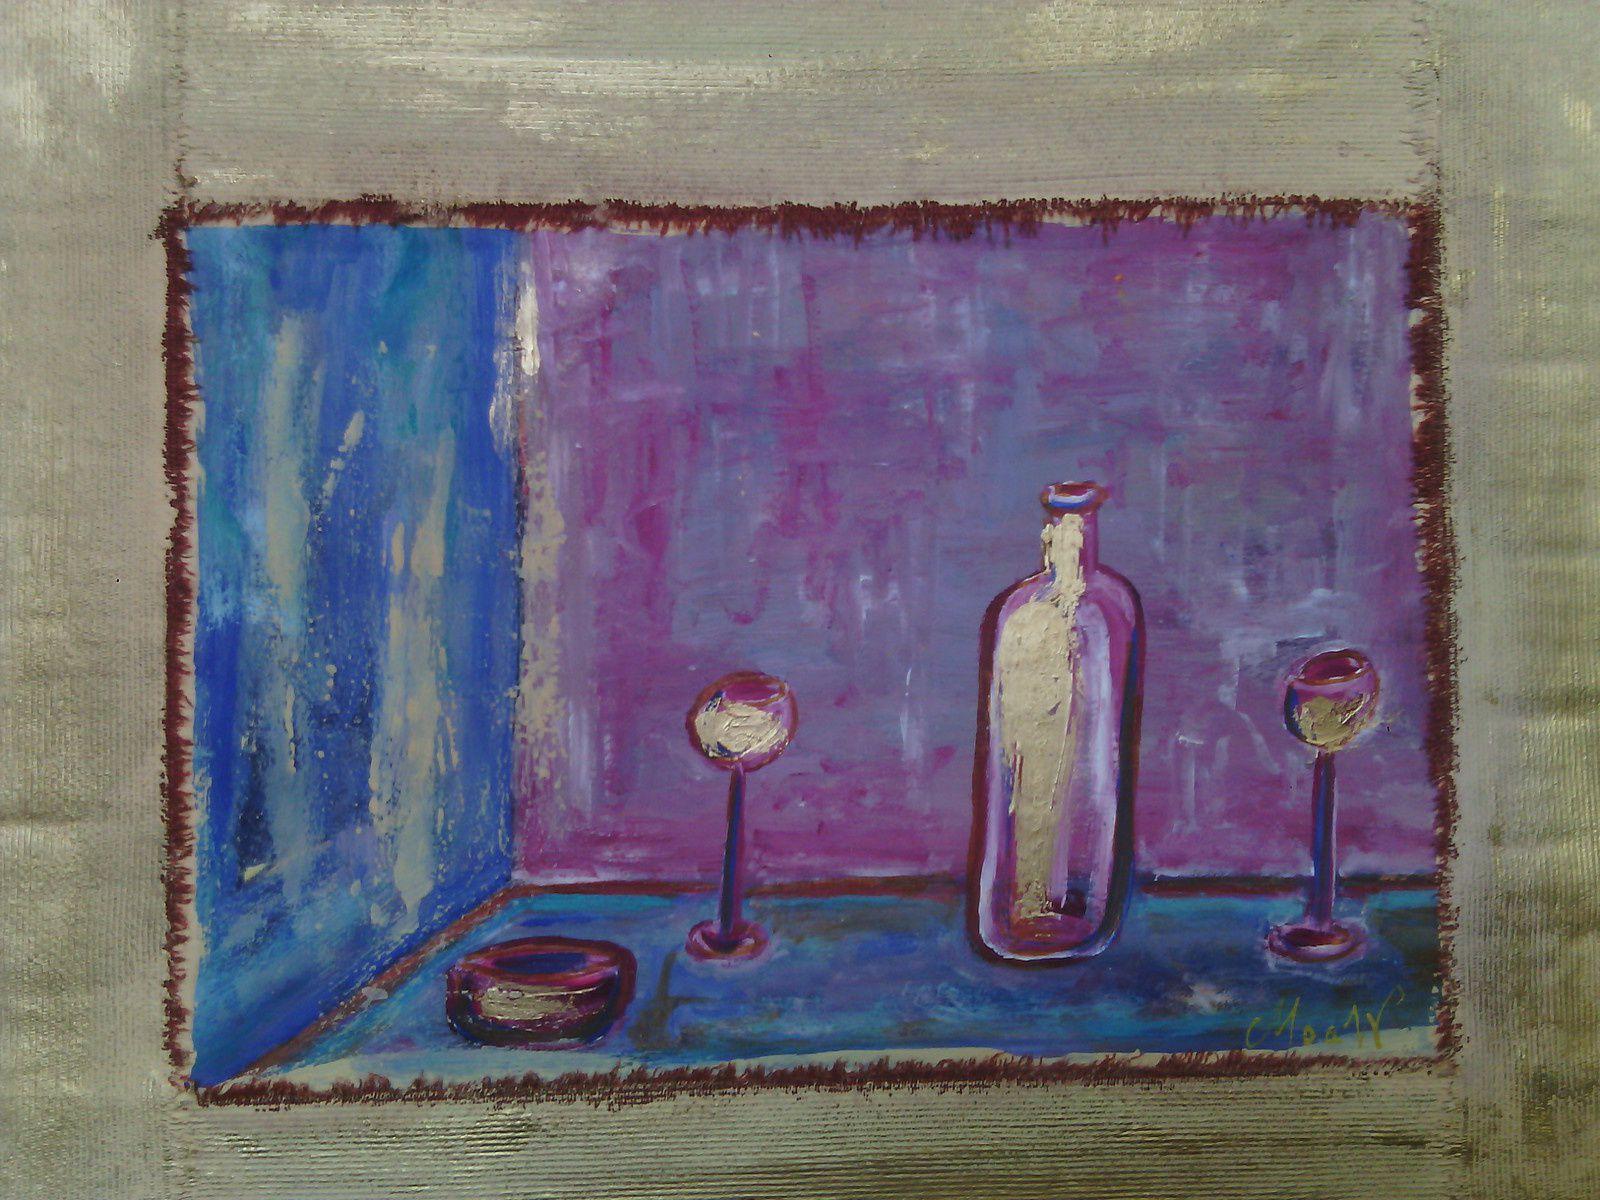 Bouteille et verres - Peinture à l'huile sur papier - MoaW